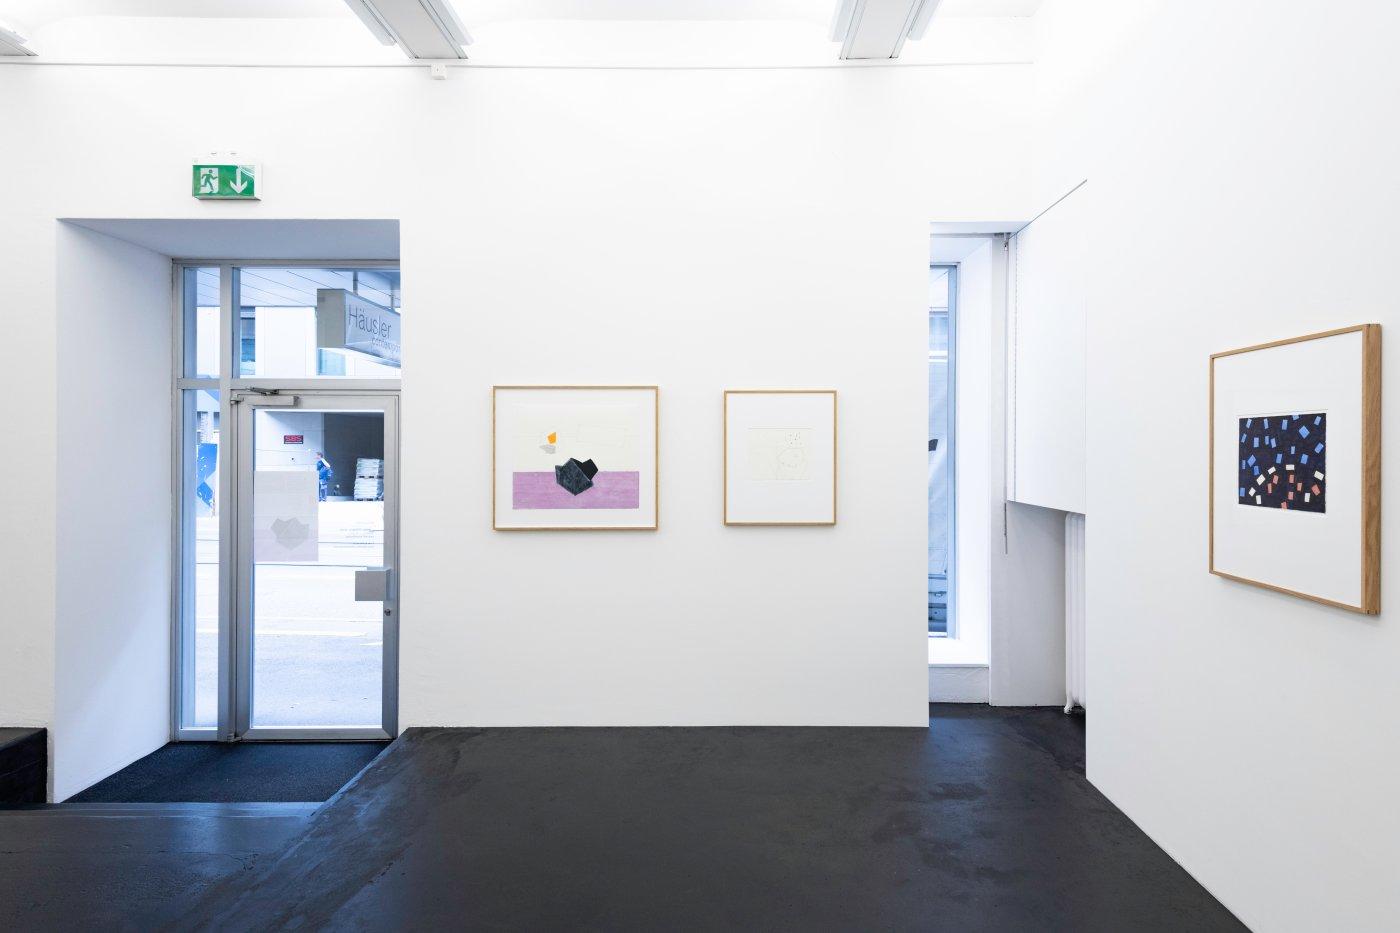 Hausler Contemporary Jurgen Partenheimer 2